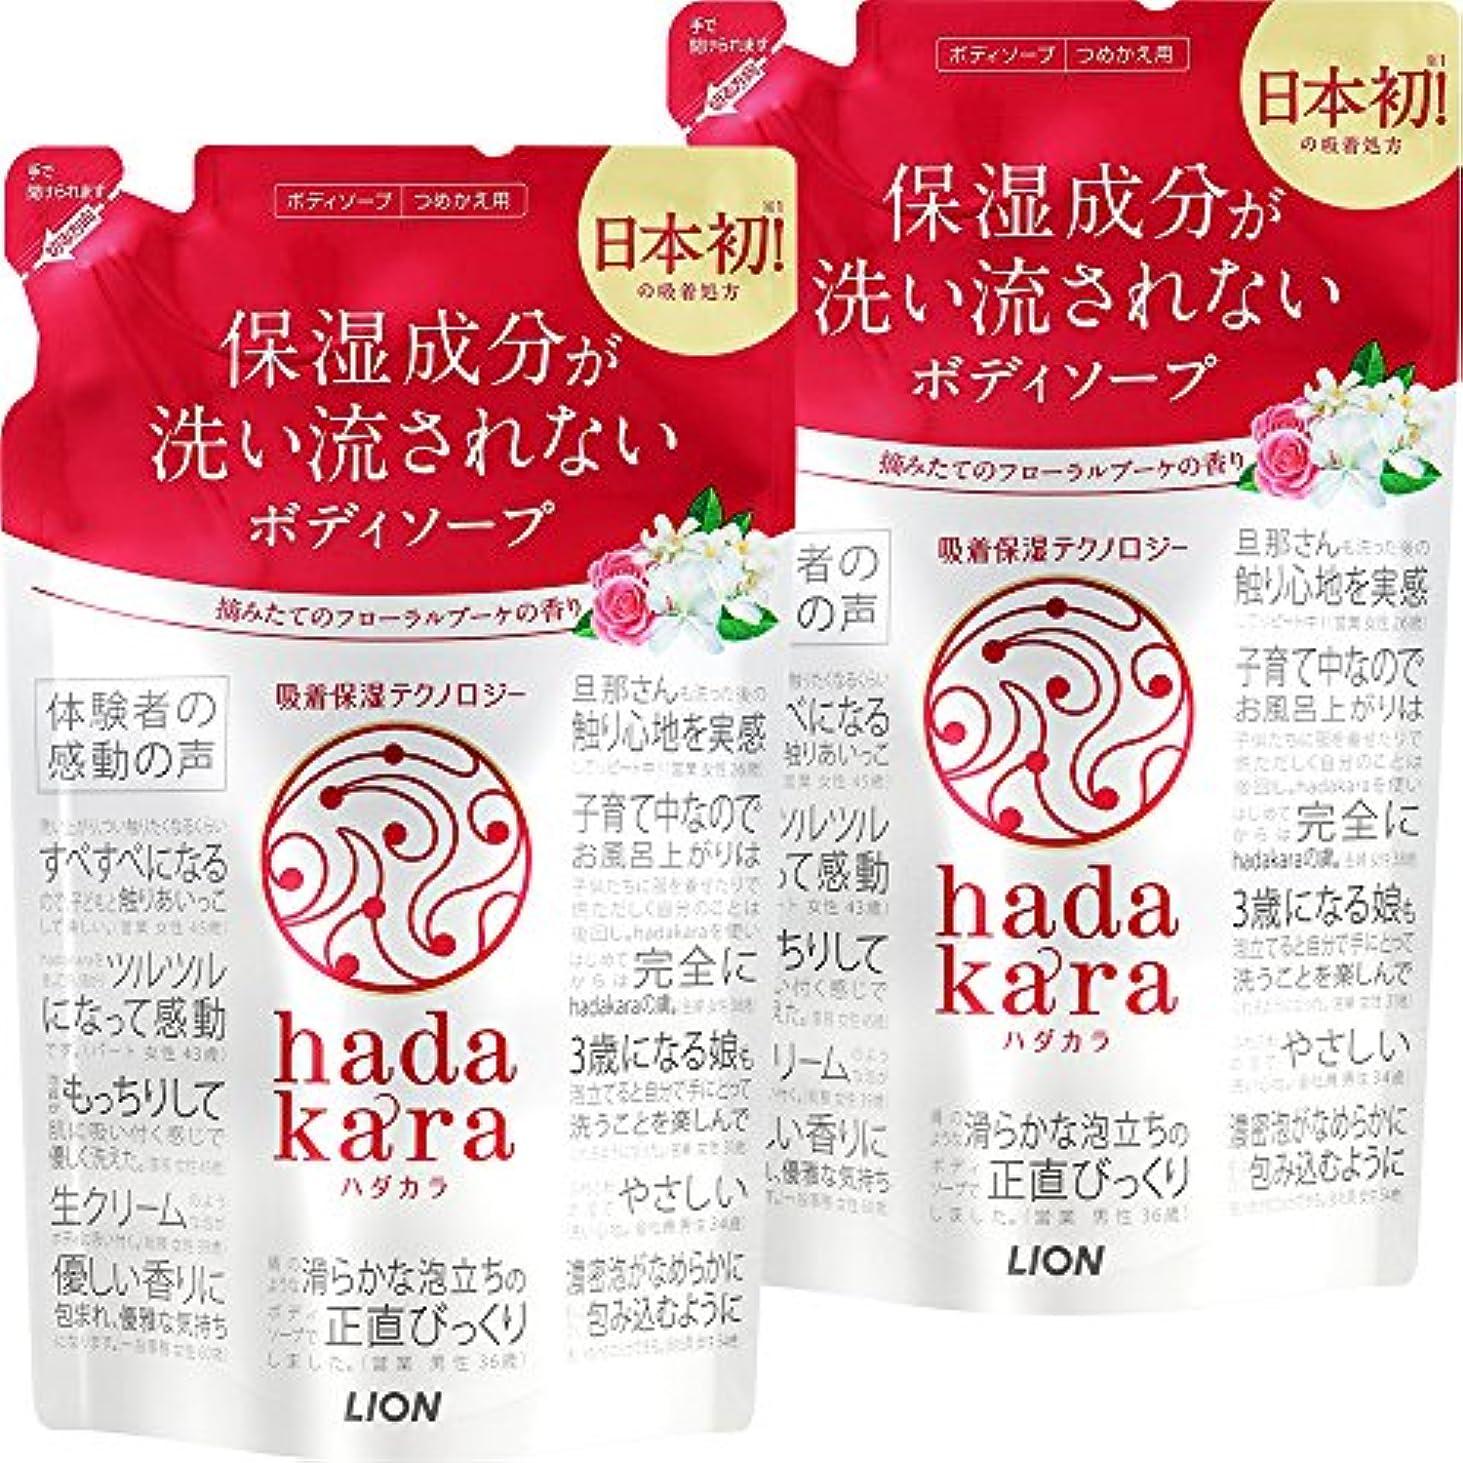 差し引く斧緊急まとめ買い hadakara(ハダカラ) ボディソープ フレッシュフローラルの香り 詰め替え 360ml×2個パック つめかえ